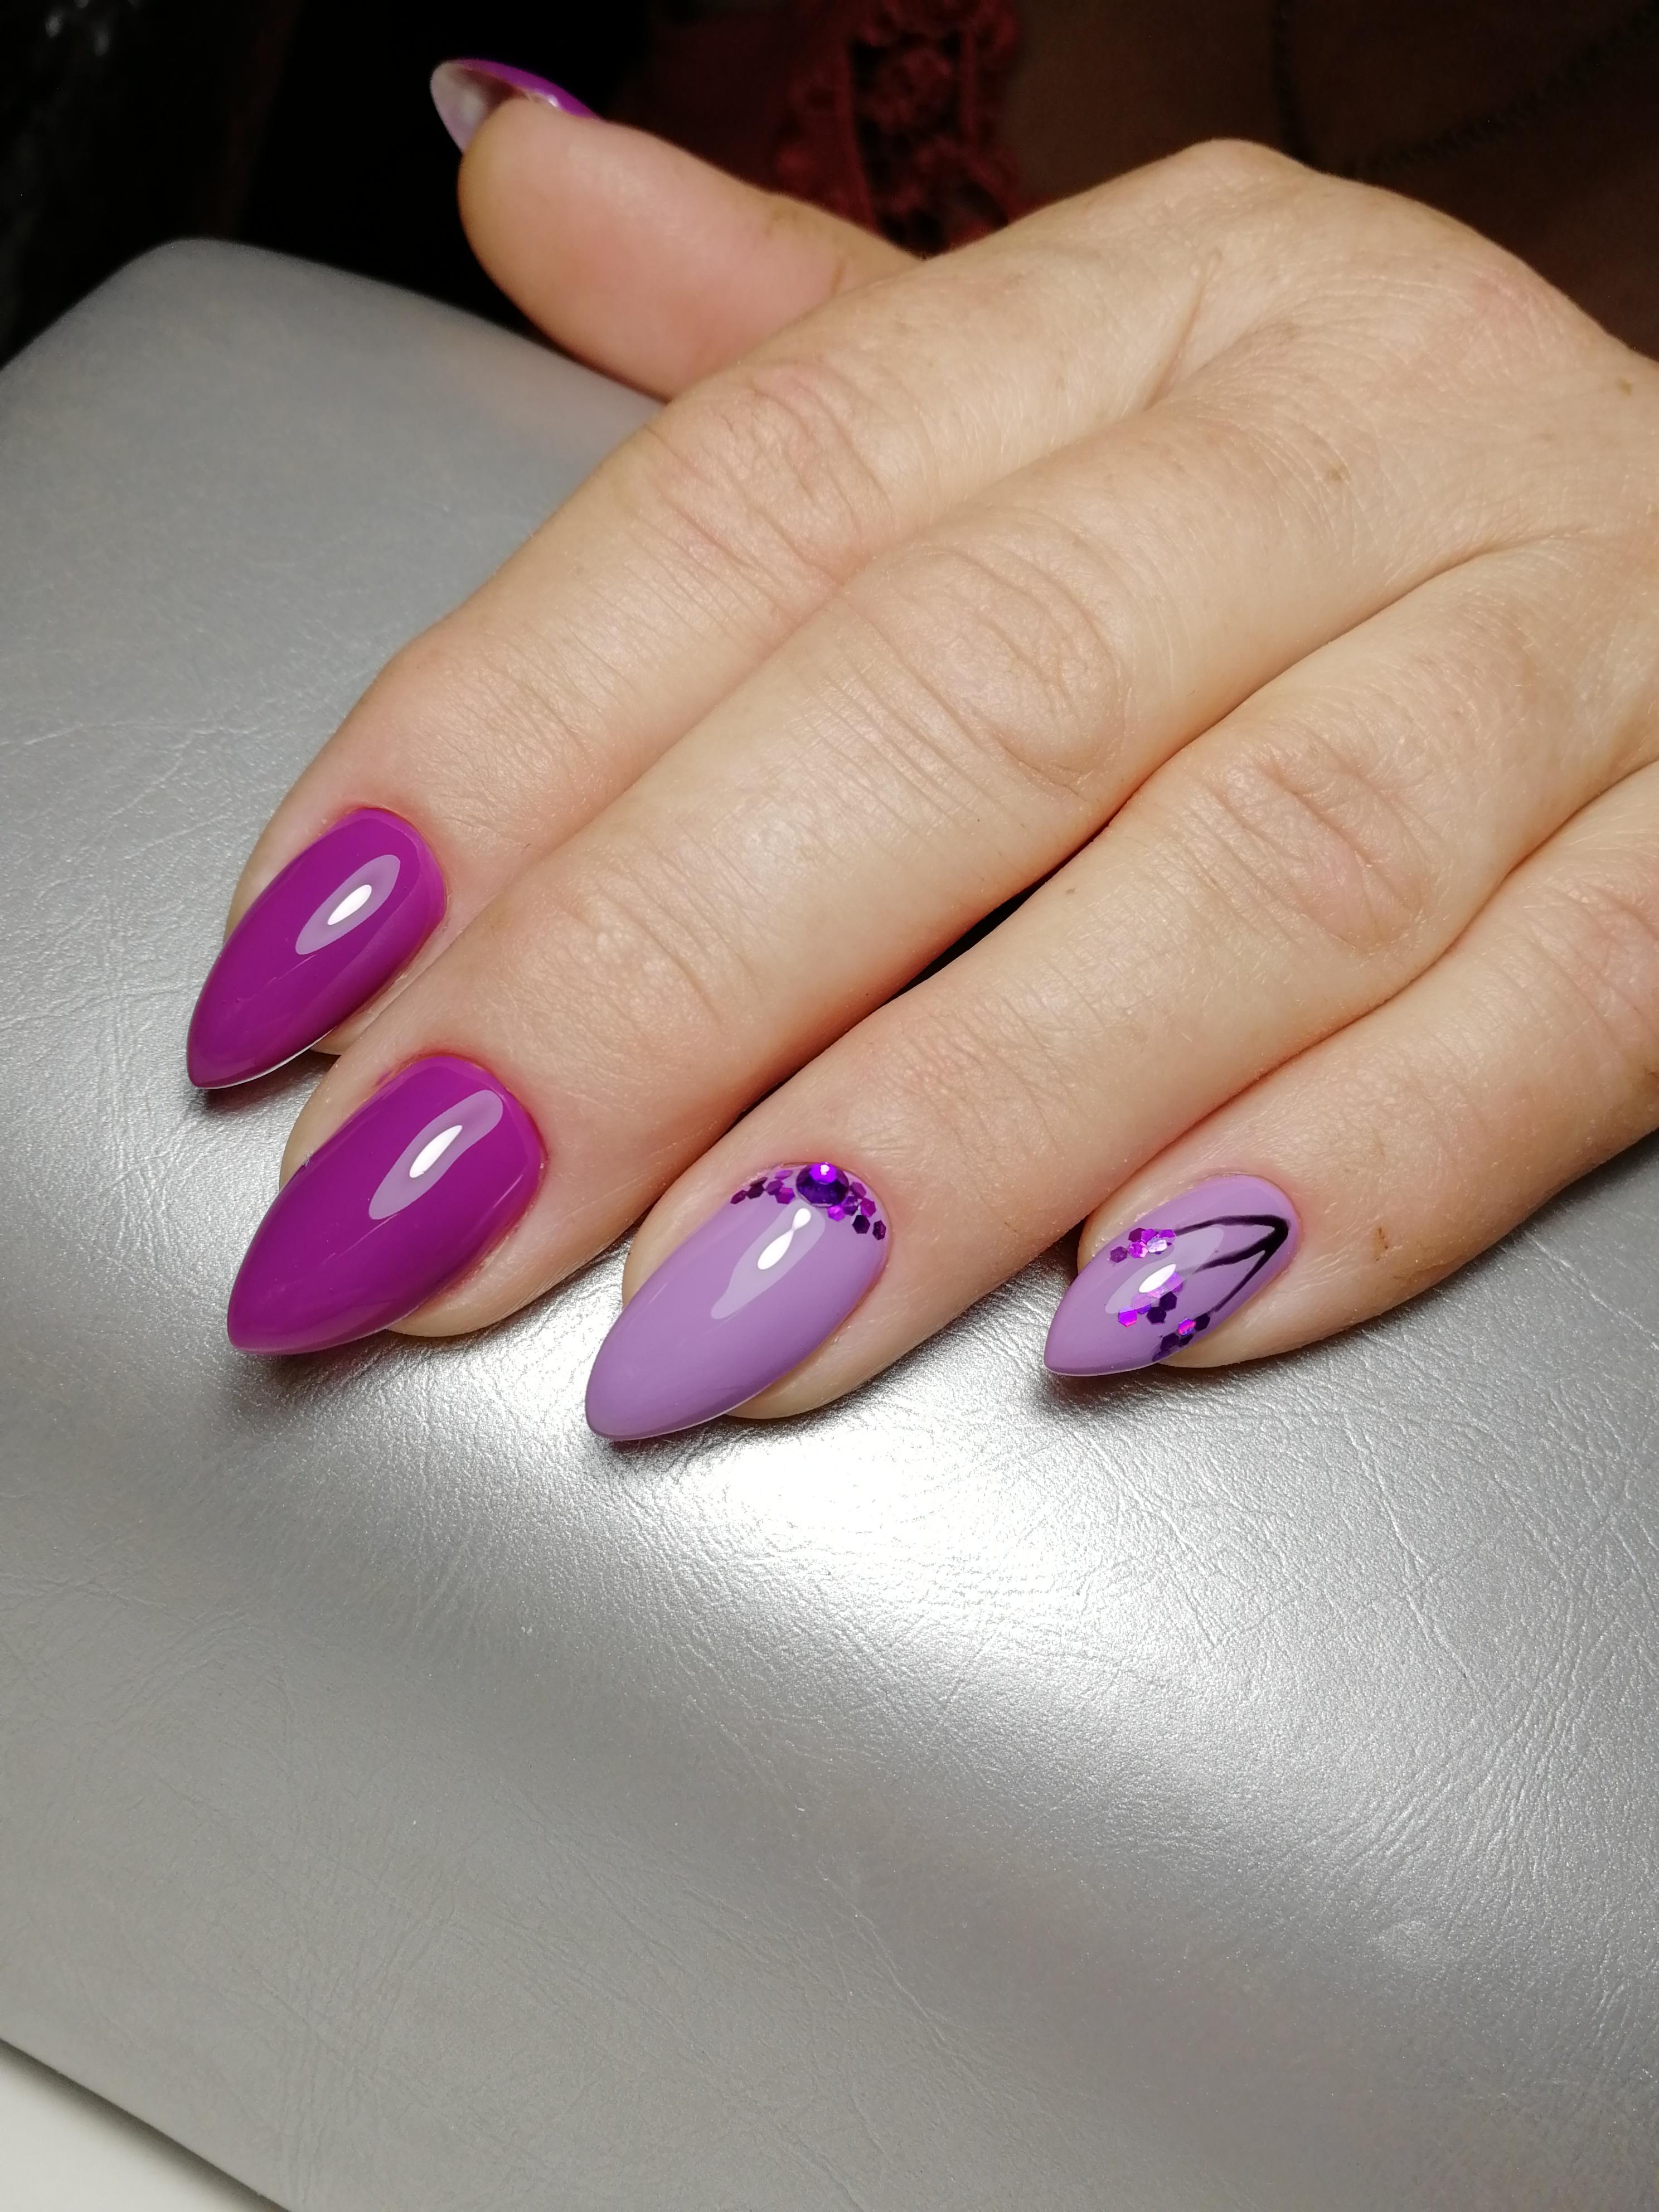 Маникюр с камифубуки в фиолетовом цвете.